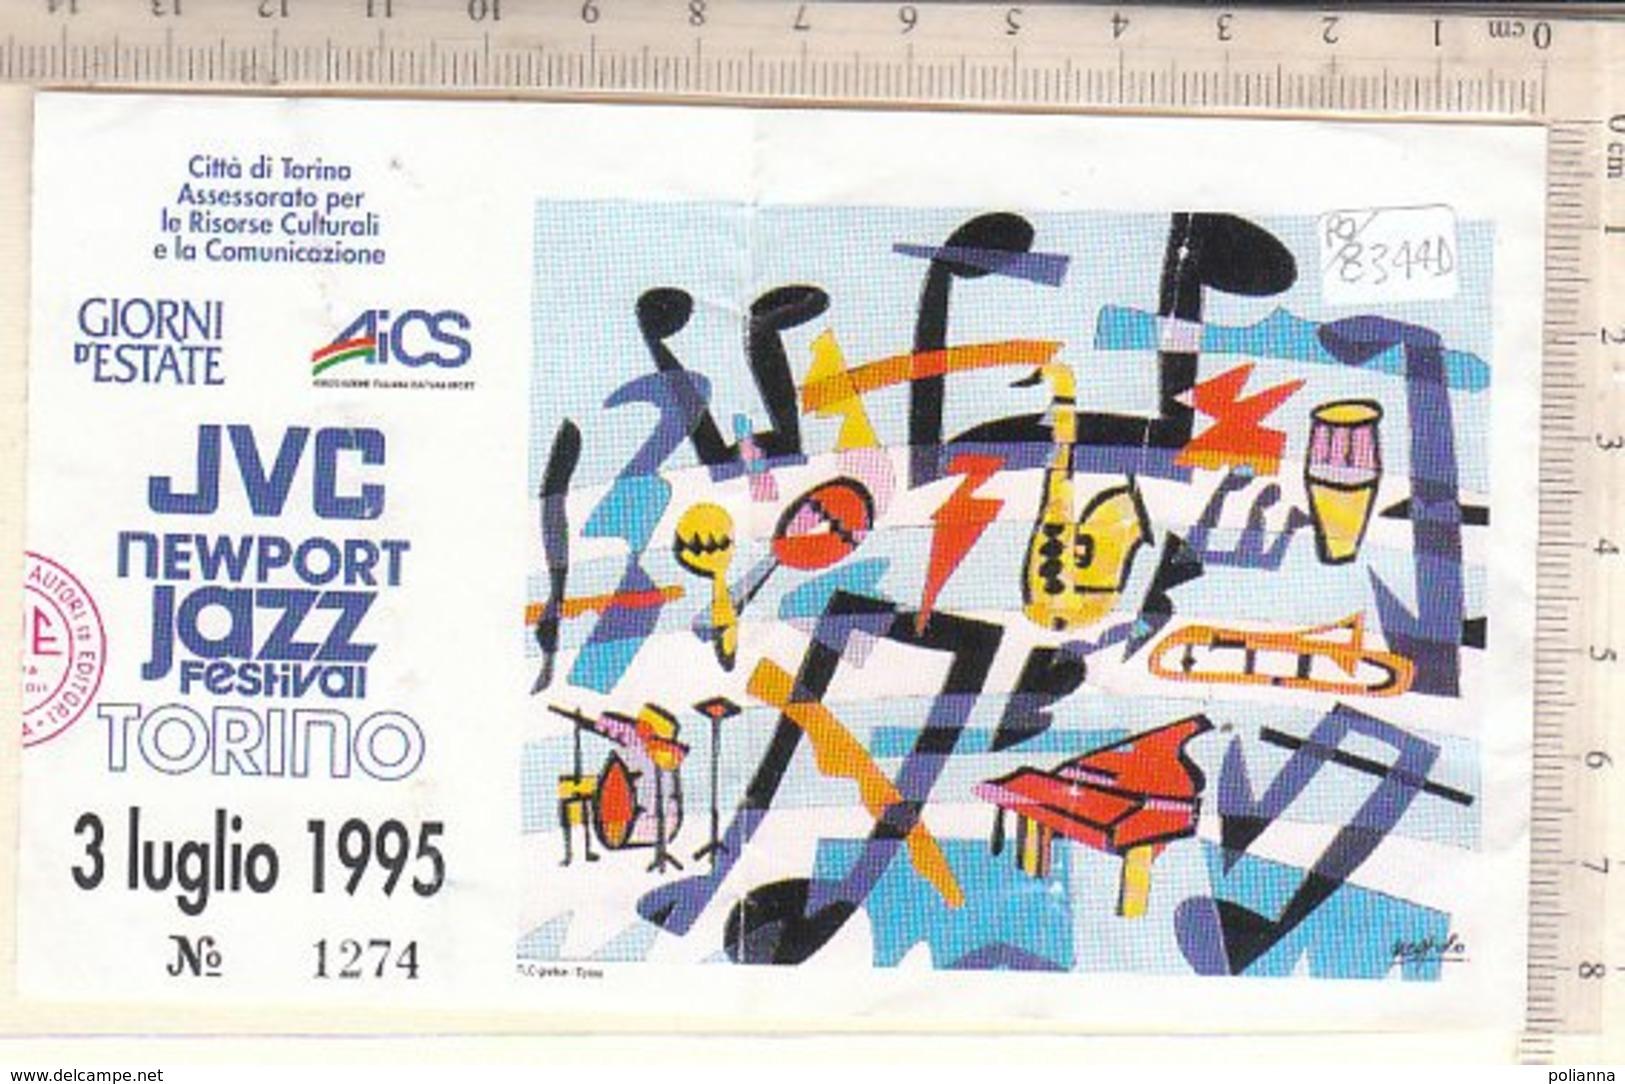 PO8344D# BIGLIETTO CONCERTO JVC NEWPORT JAZZ FESTIVAL TORINO 1995 - ILLUSTRATORE NESPOLO - Biglietti Per Concerti